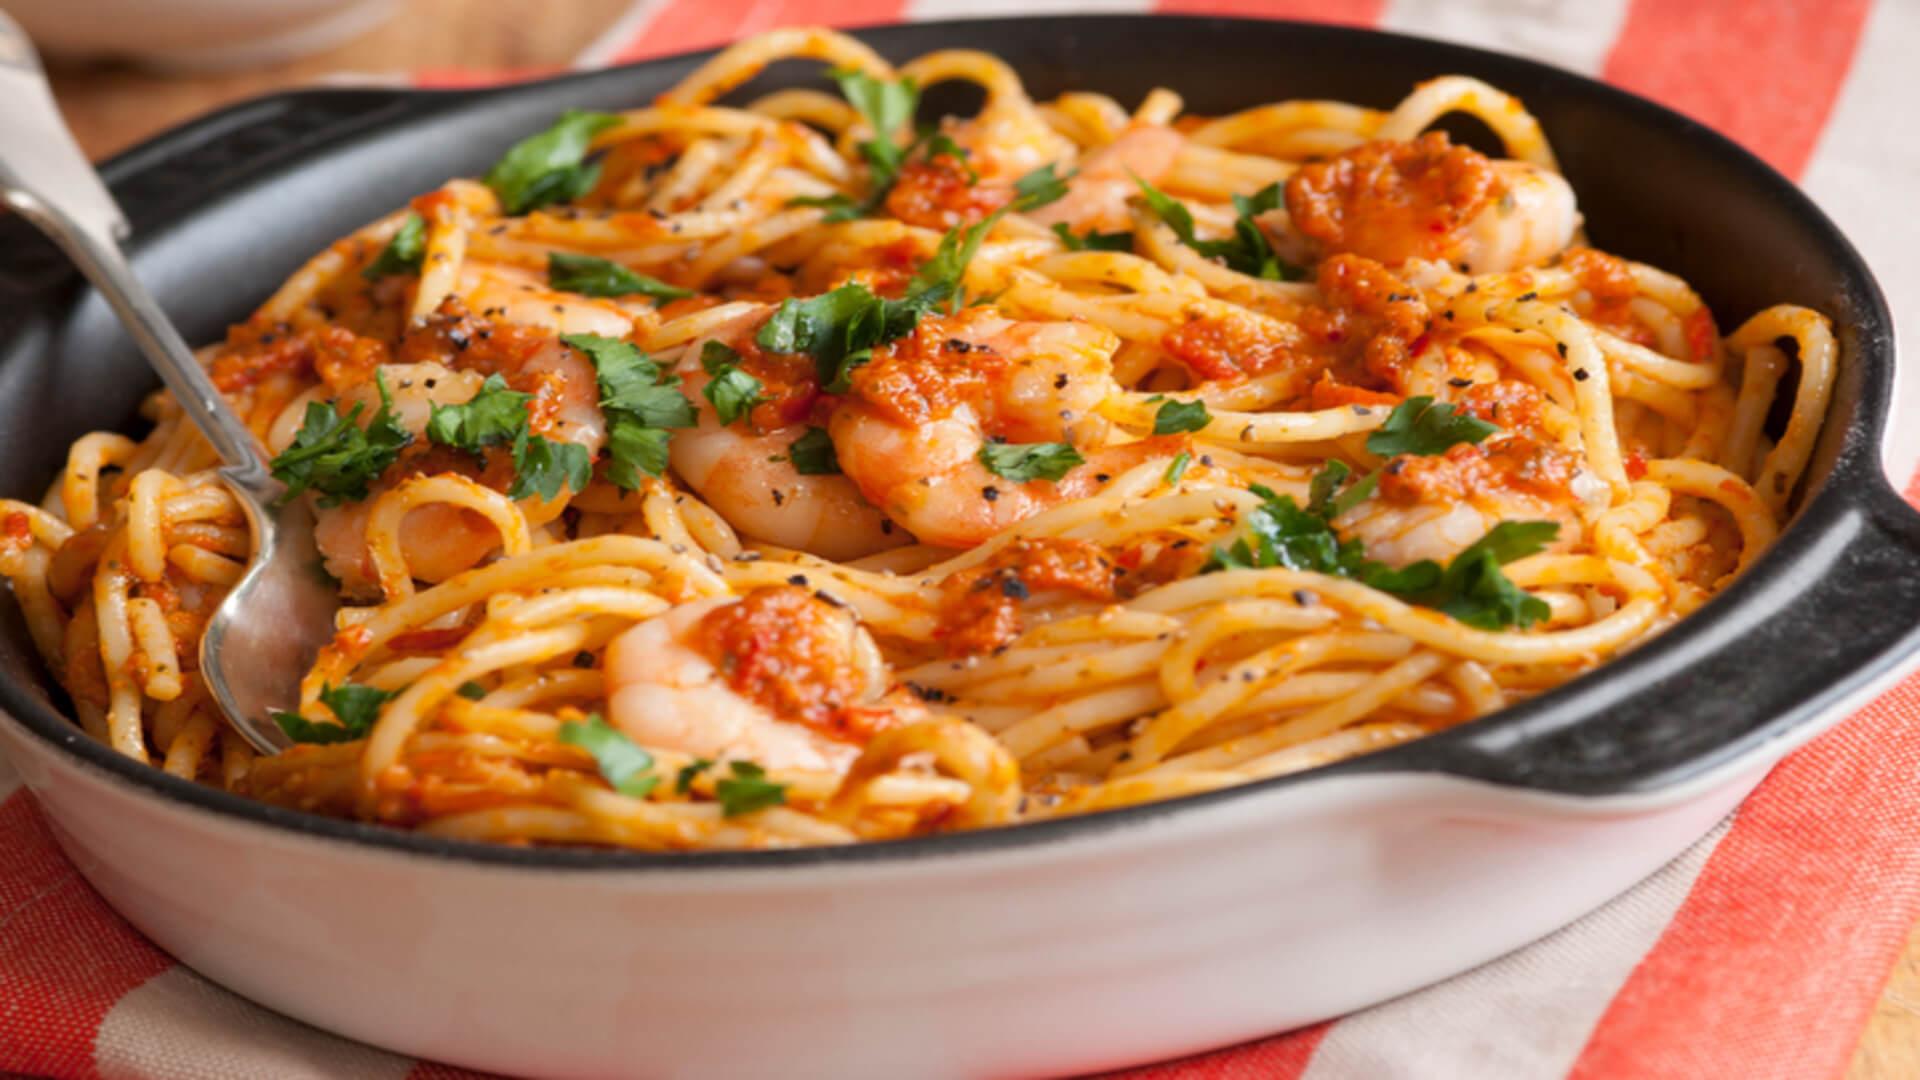 Prawn and Tomato Pasta